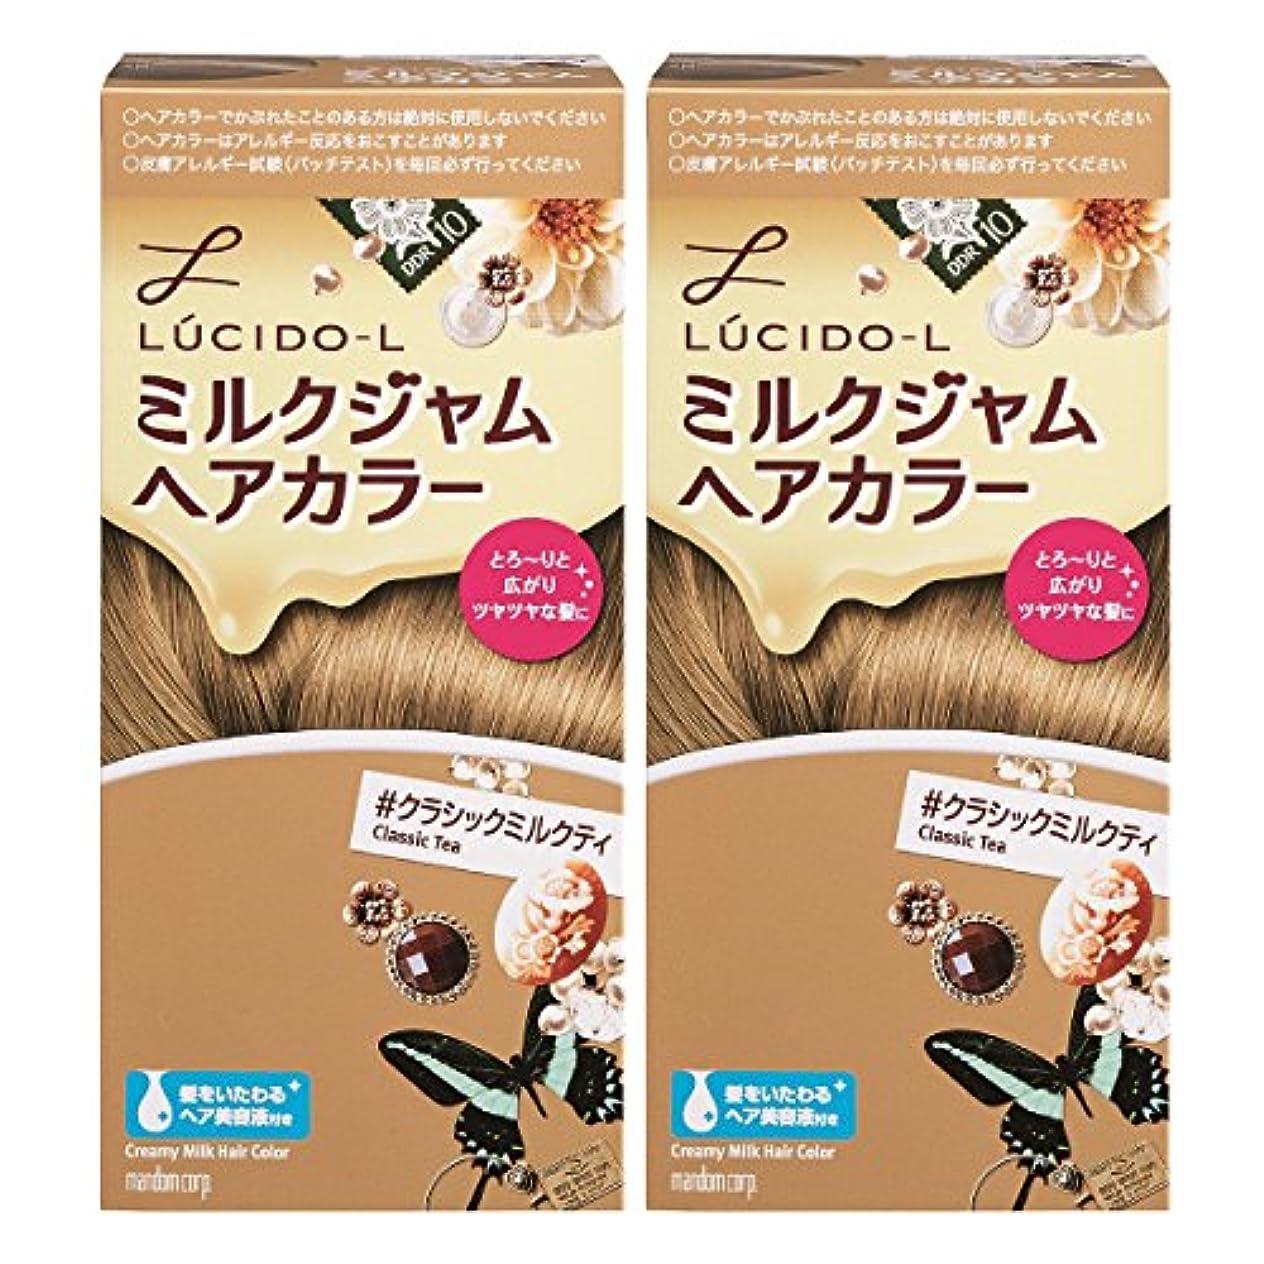 前書き変える処方【まとめ買い】LUCIDO-L (ルシードエル) ミルクジャムヘアカラー #クラシックミルクティ×2個パック(医薬部外品)